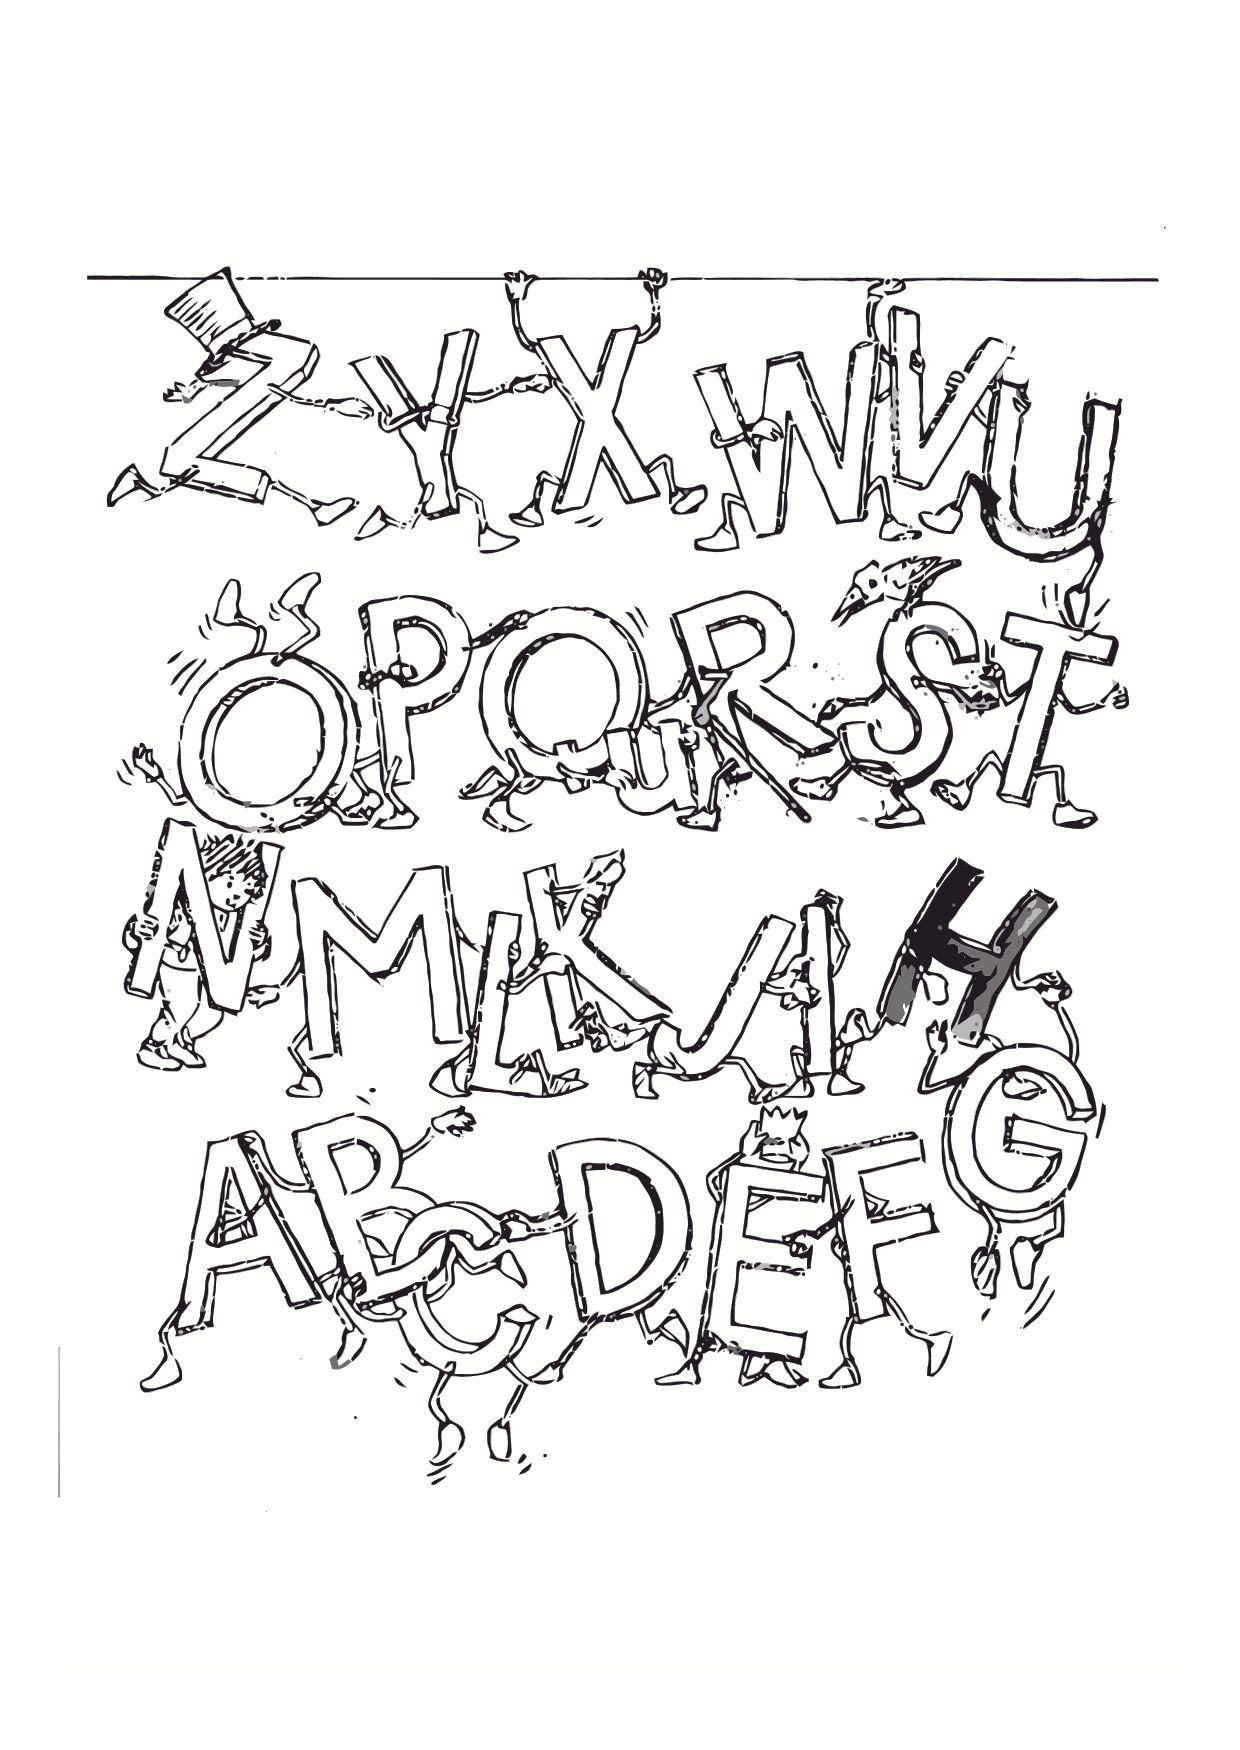 Malvorlage Alphabet - Kostenlose Ausmalbilder Zum Ausdrucken